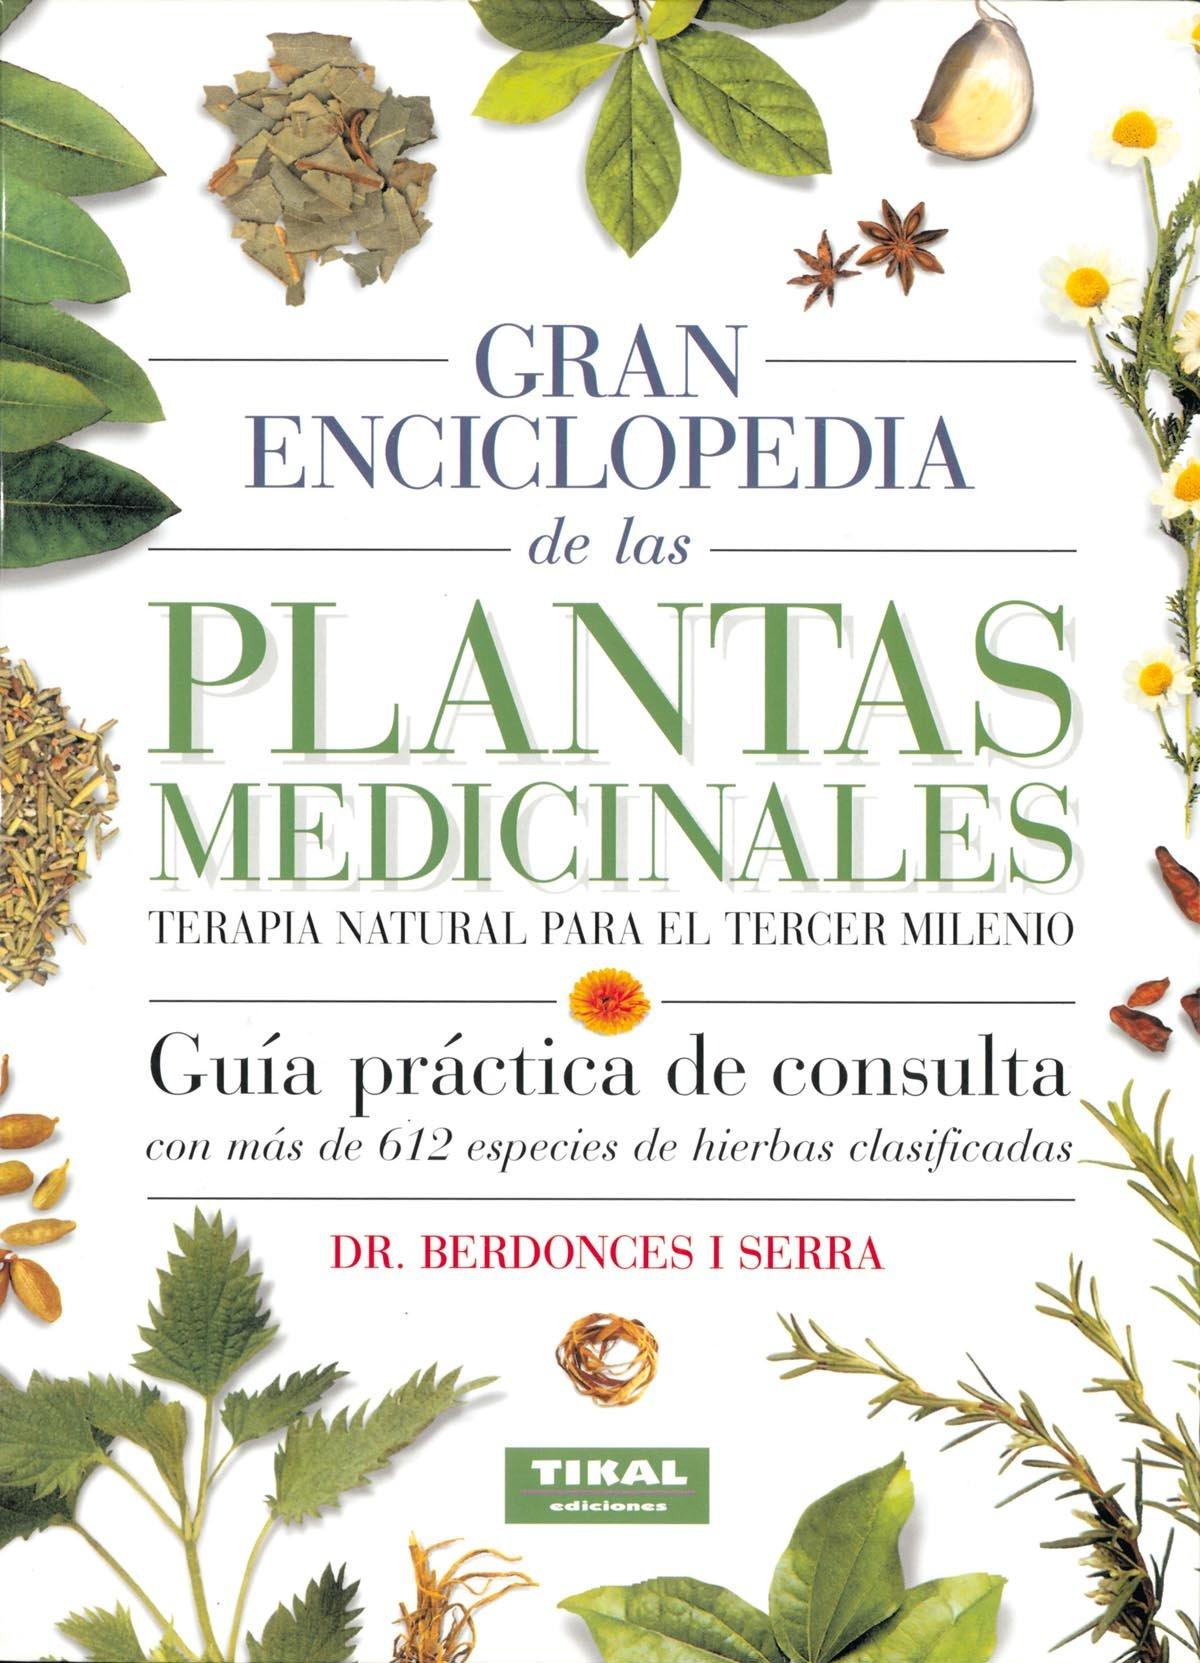 Gran Enciclopedia De Las Plantas Medicinales (Gran Enciclopedia Plantas Medicinales) por Josep Lluís Berdonces i Serra